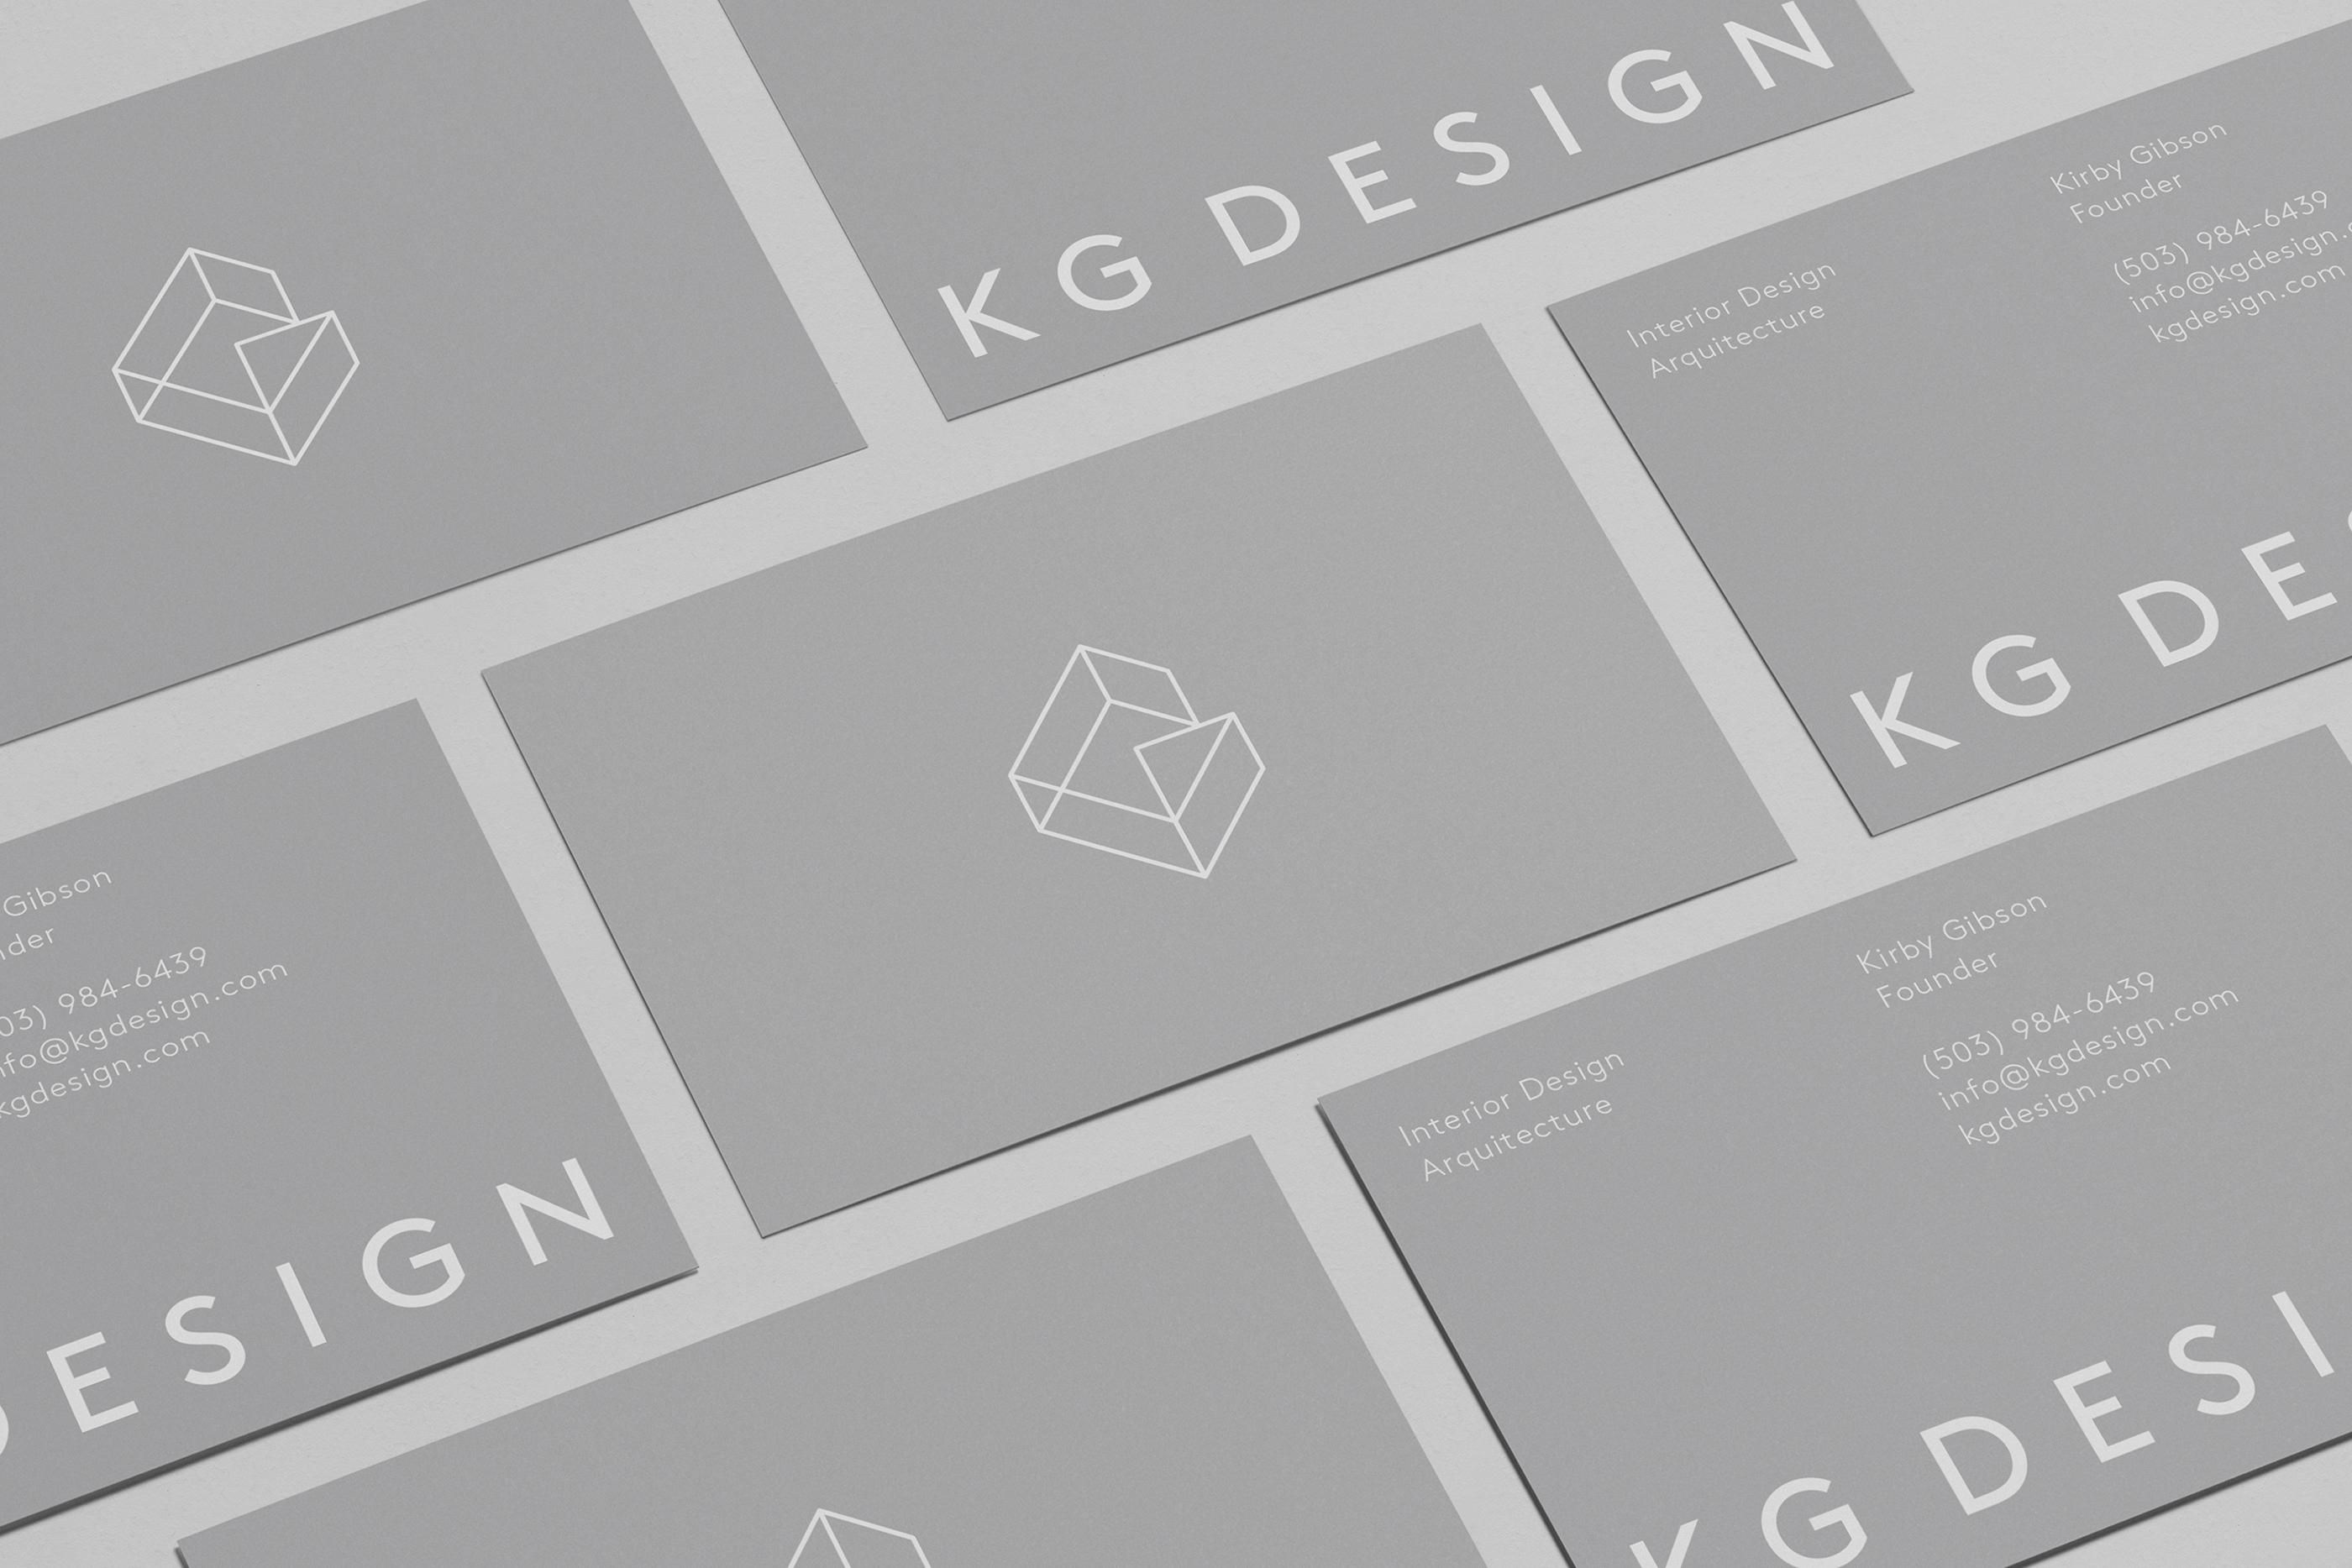 KG Design by Sonia Castillo Studio - Creative Work